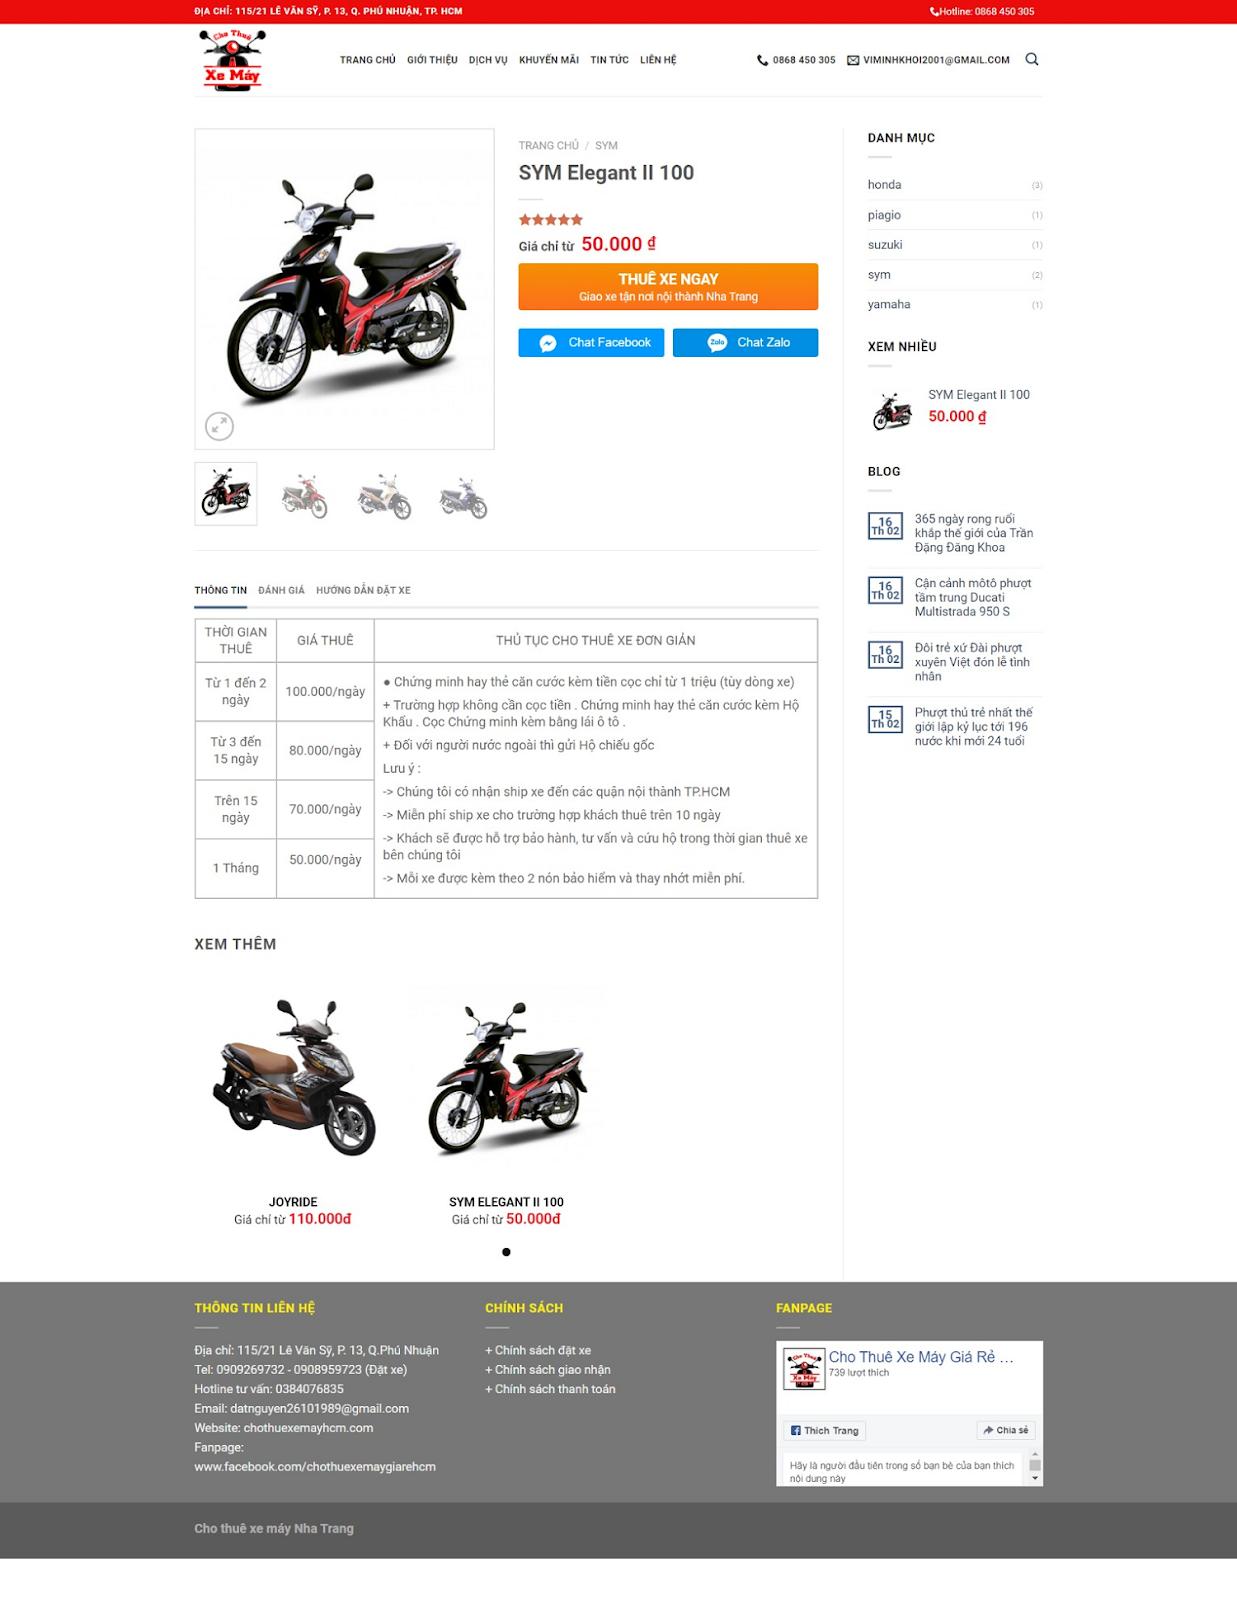 Theme blogspot dịch vụ cho thuê xe máy chuẩn seo - Ảnh 2